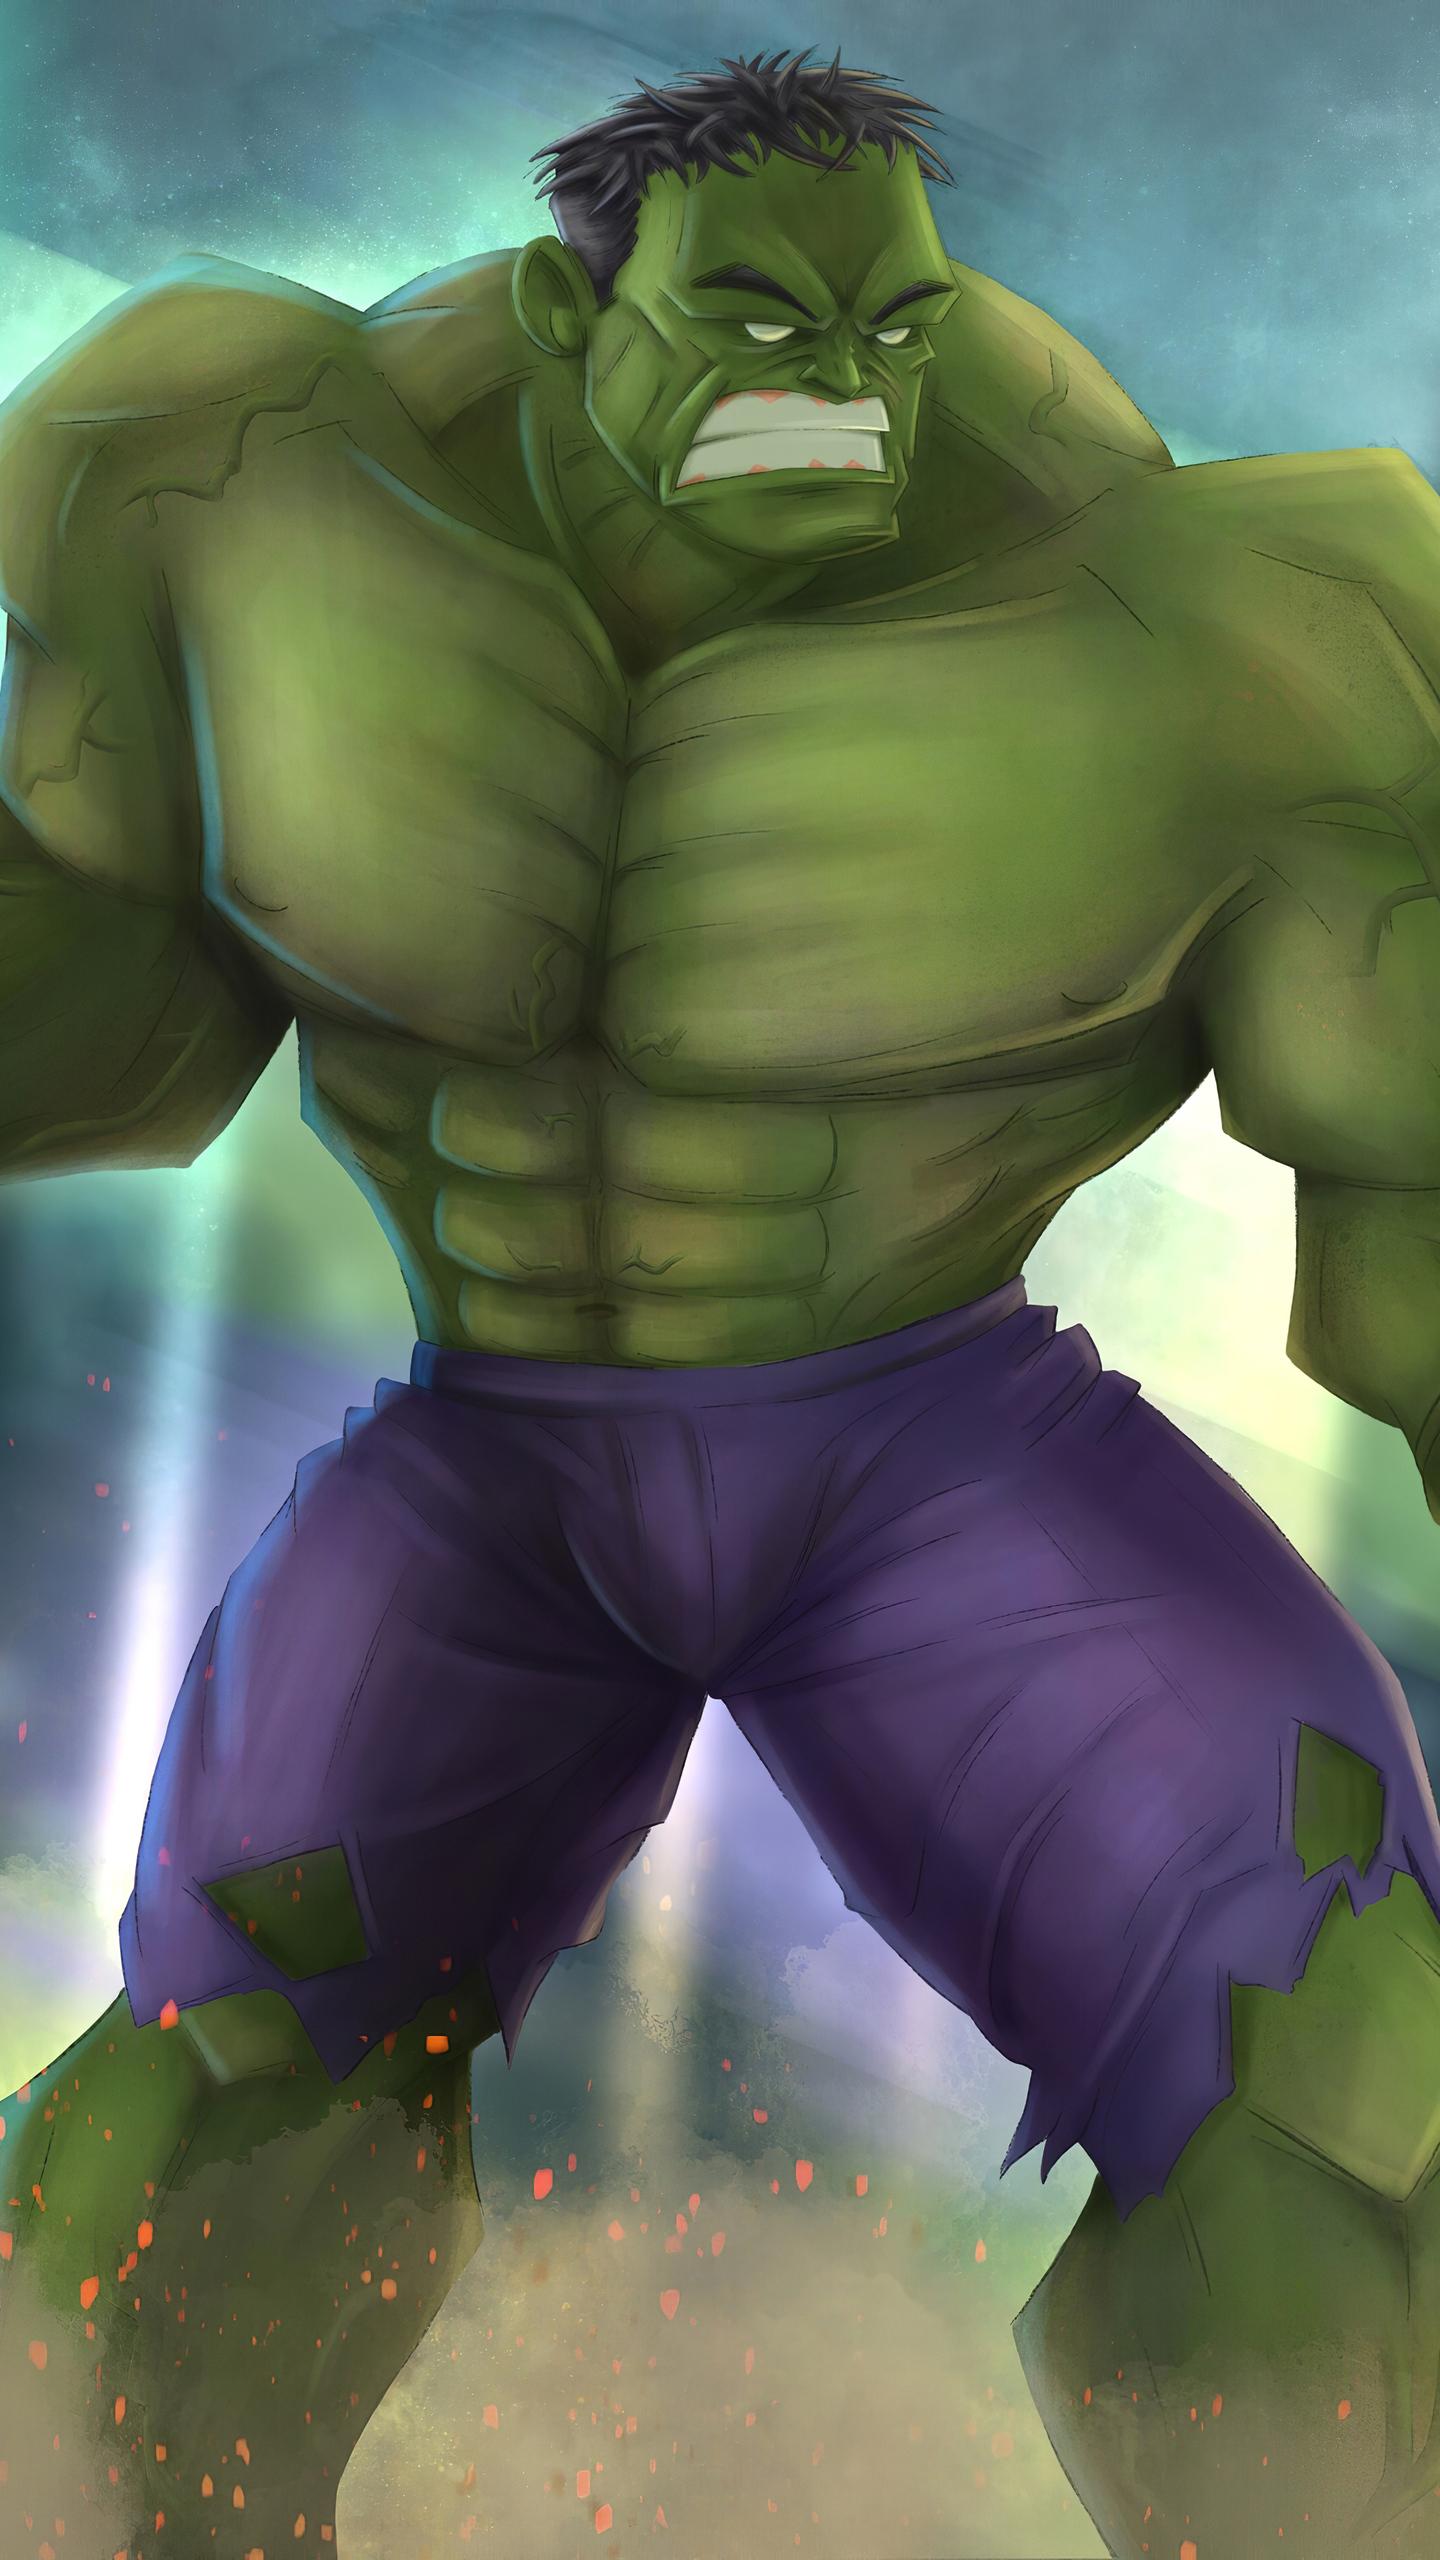 green-hulk-artwork-78.jpg